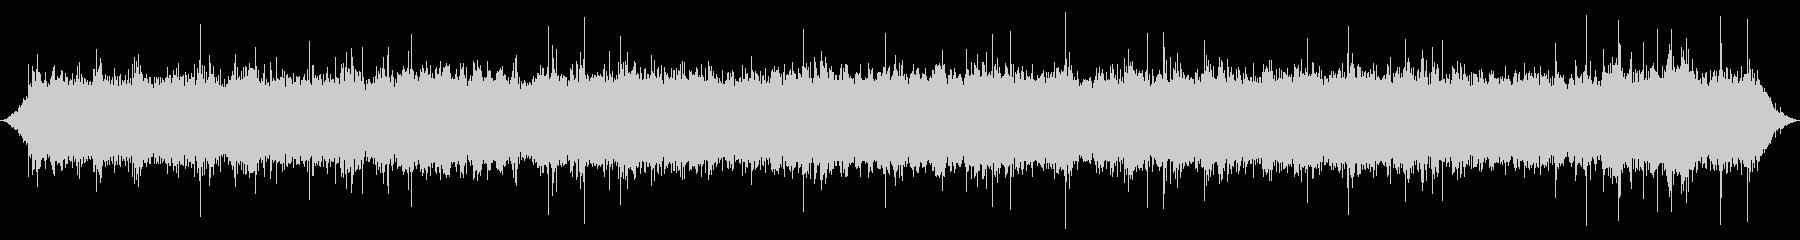 ブルックオアストリーム:ディープク...の未再生の波形